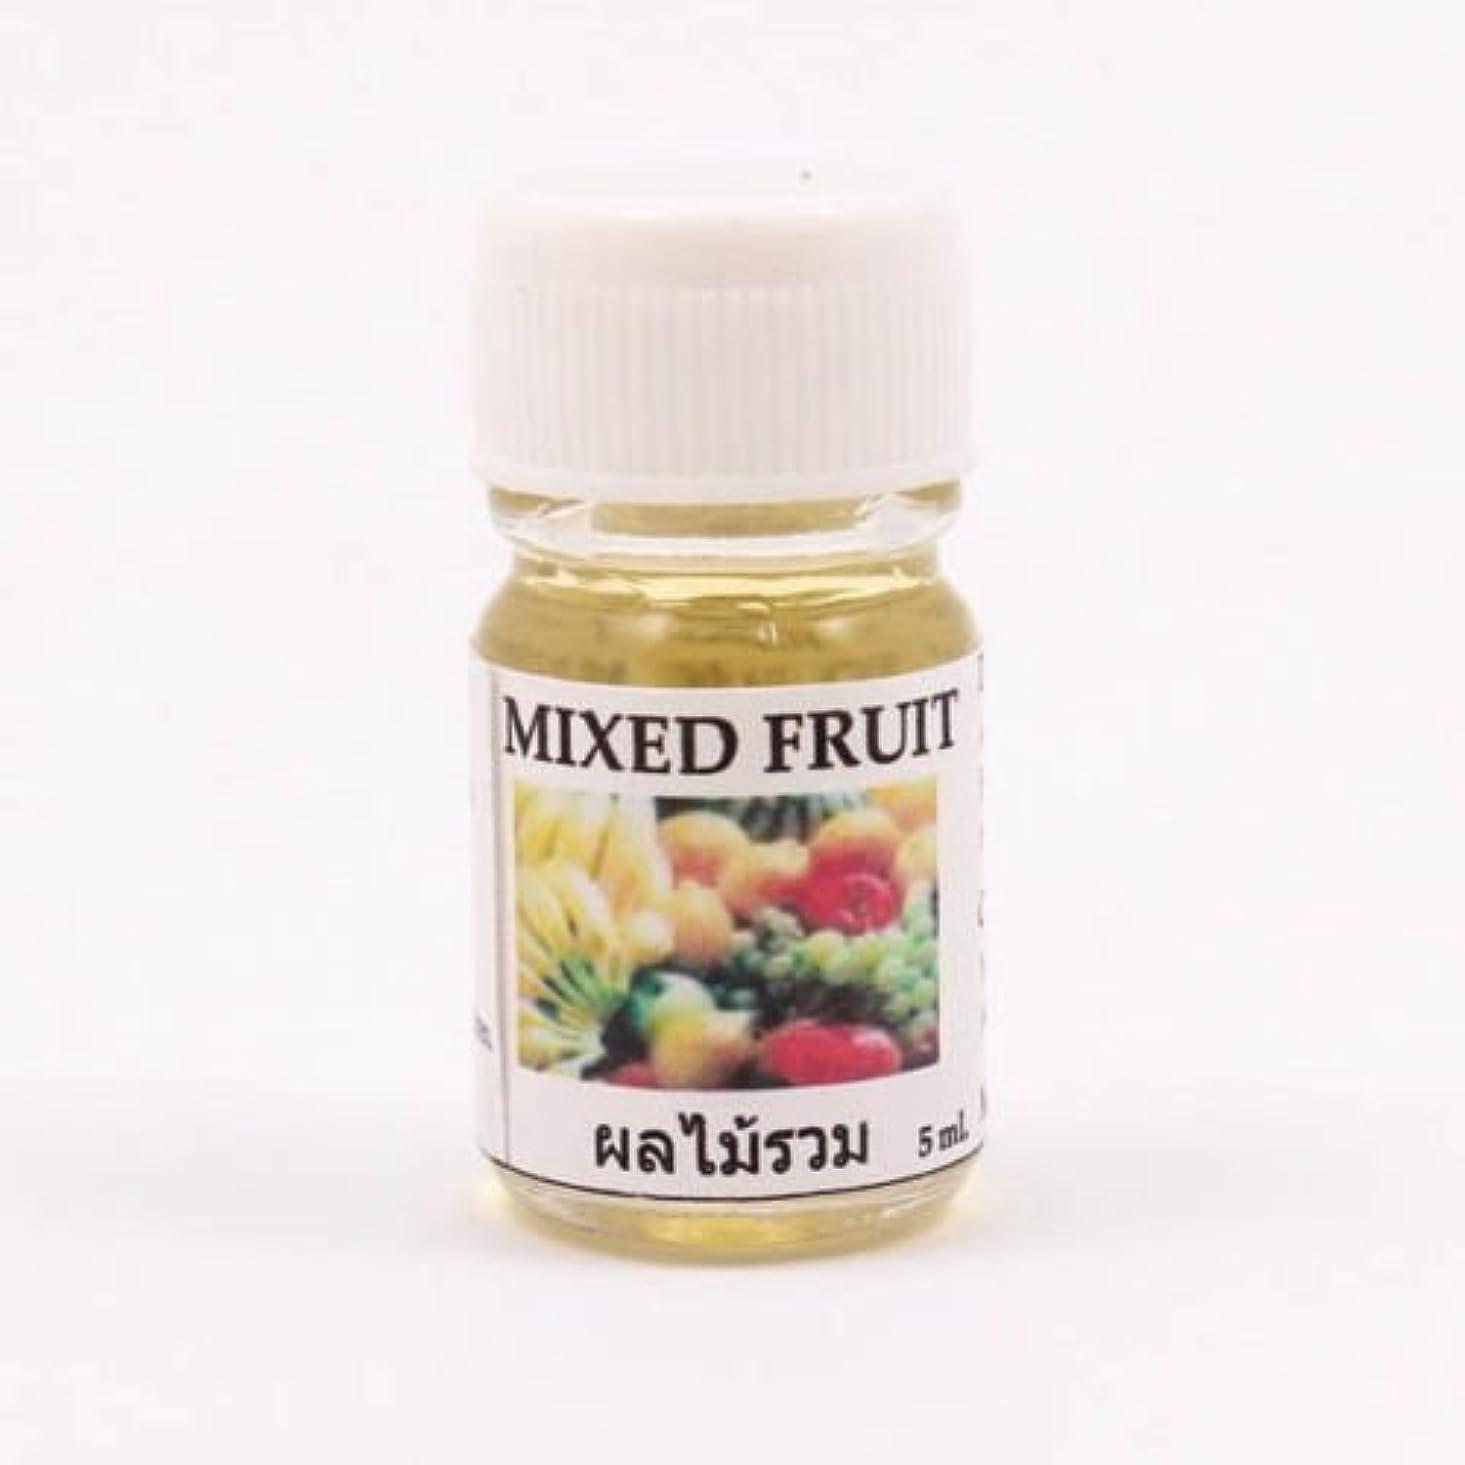 促す放棄された建物6X Mixed Fruit Aroma Fragrance Essential Oil 5ML Diffuser Burner Therapy